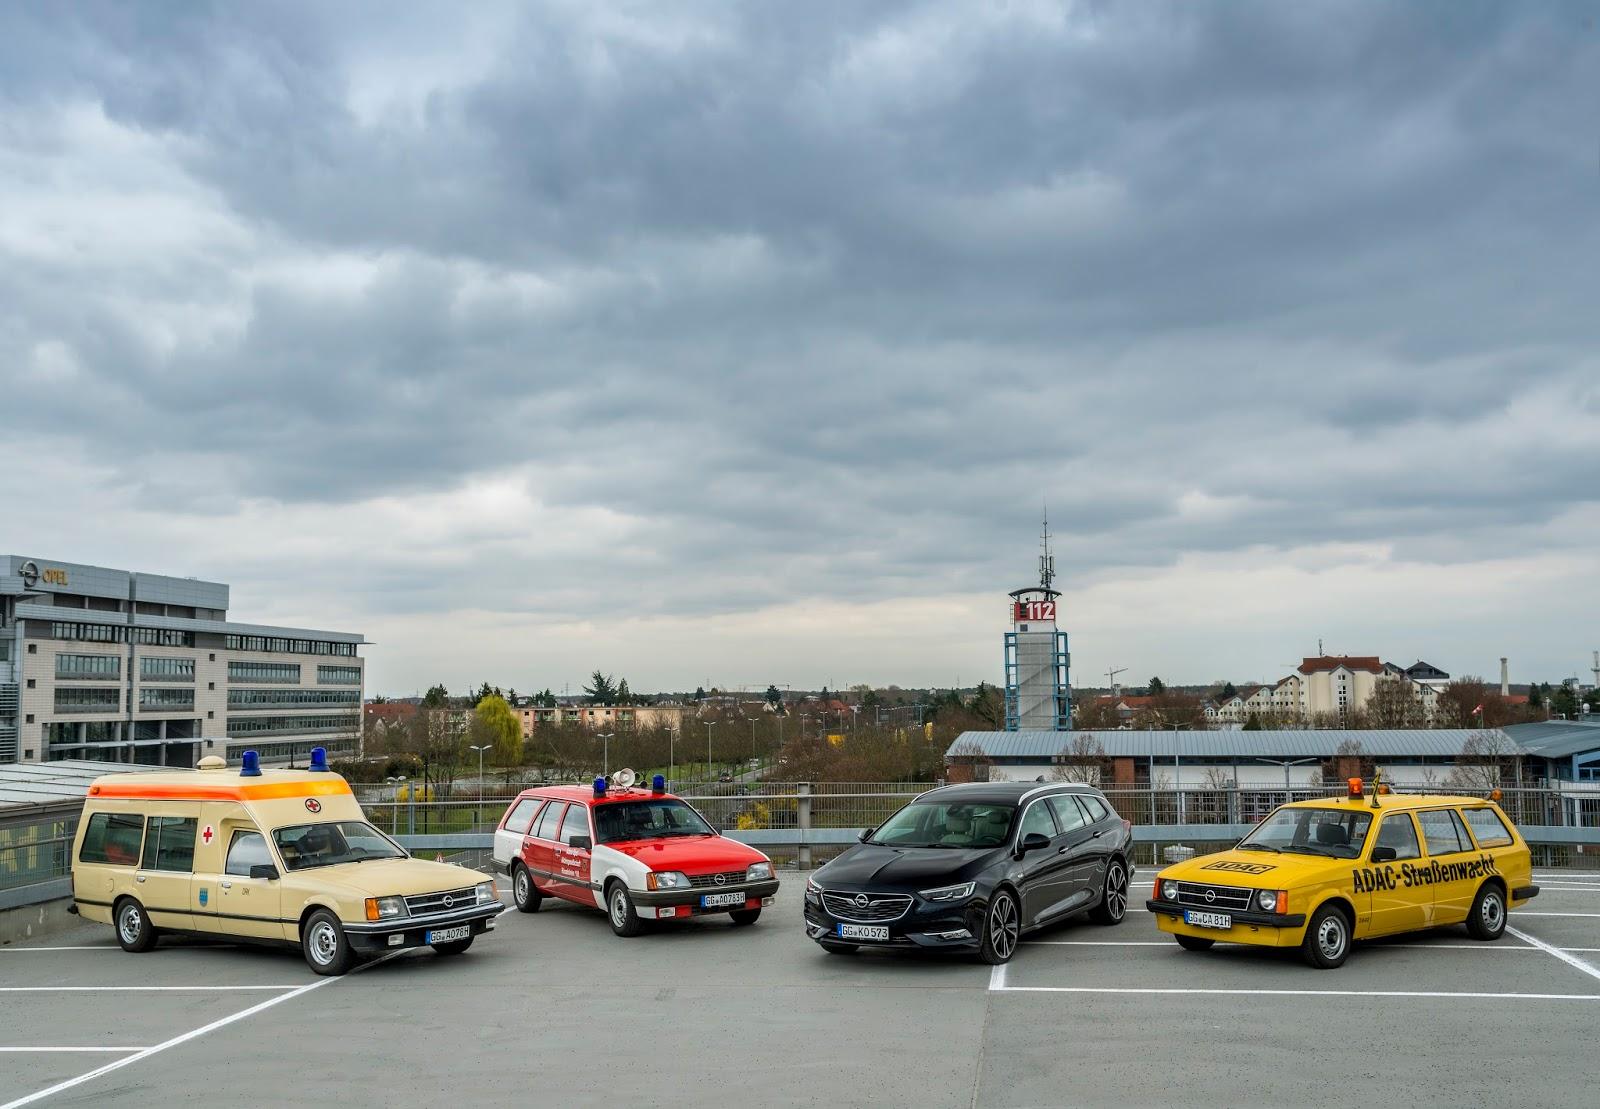 Opel ADAC Hessen Thueringen 304648 Ράλι κλασικών μοντέλων Opel στο Hessen-Thüringen Classic, Opel, Opel Cascada, Opel Record, Opel Wagon, Rally